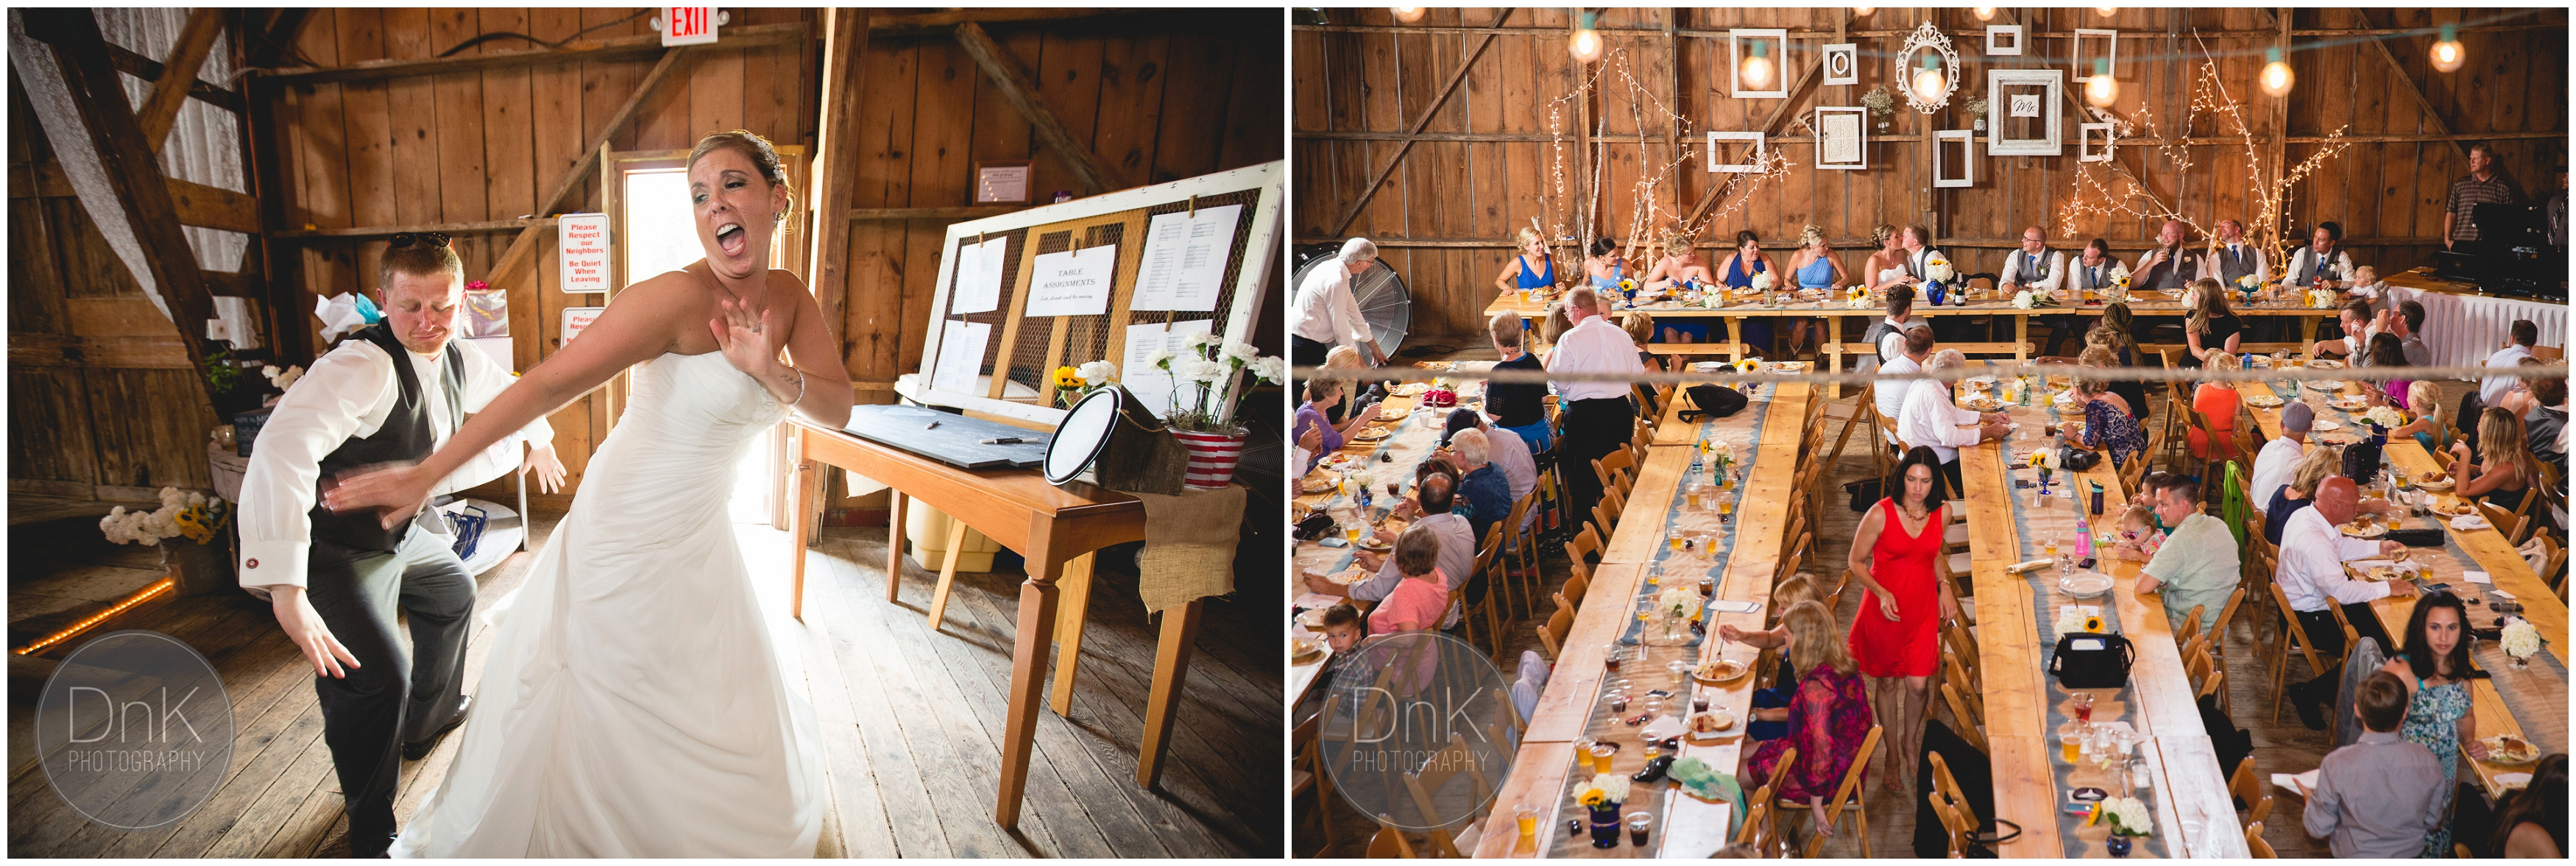 28- Dellwood Barn Wedding Reception